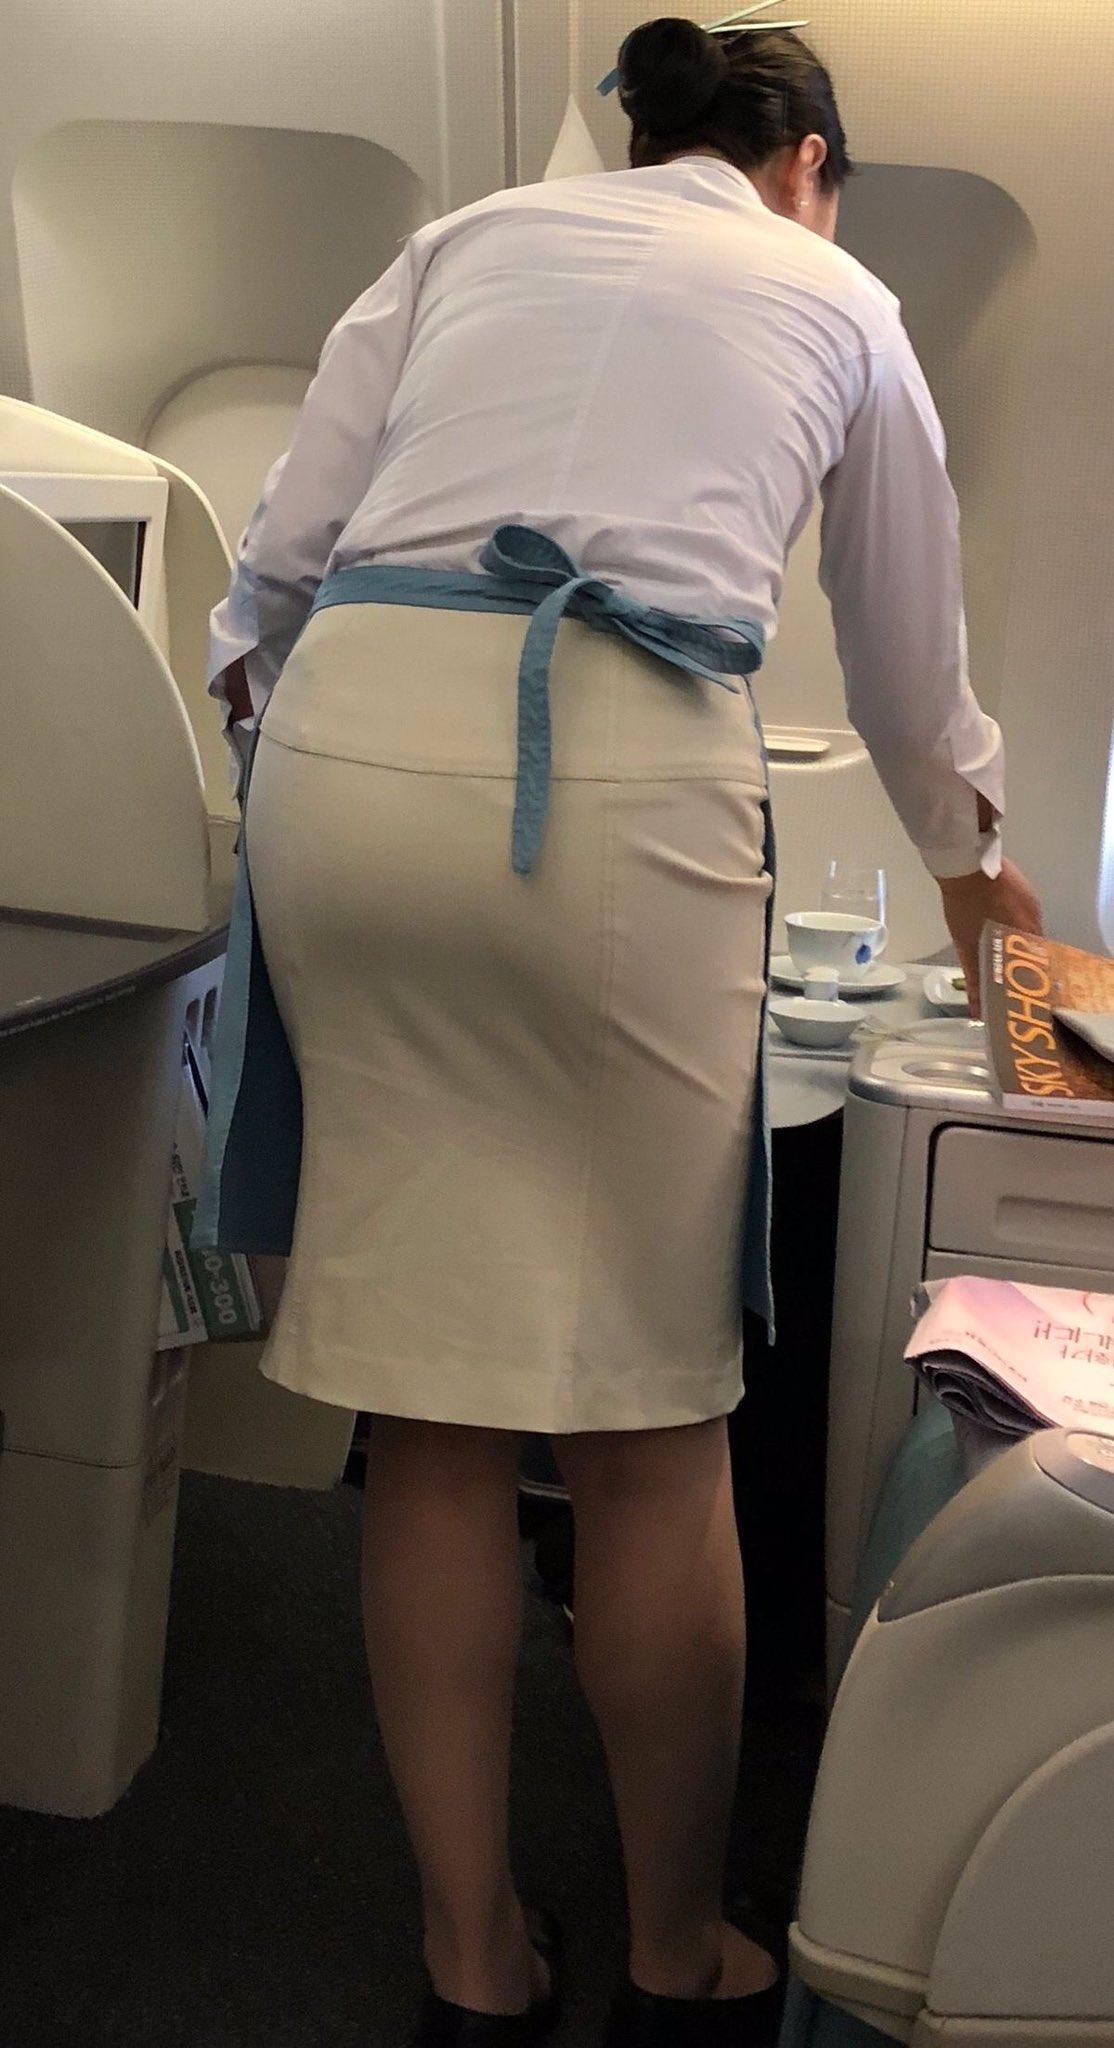 働く女性のお尻とか胸チラしてるOL画像くださいwwwwwwwwwwwwwwww Rki9XBP